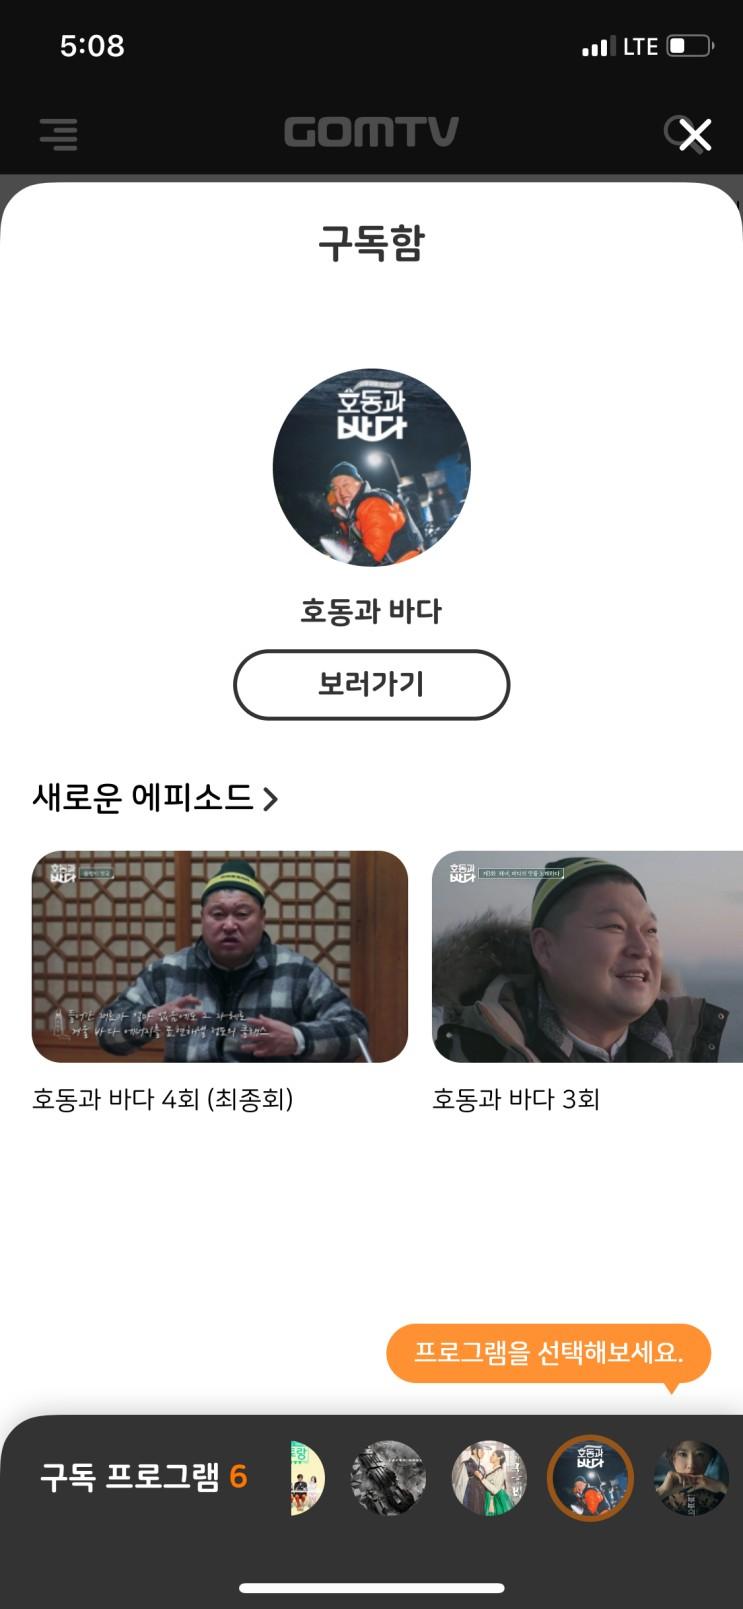 곰TV로 무료영화 드라마다시보기 굿!!